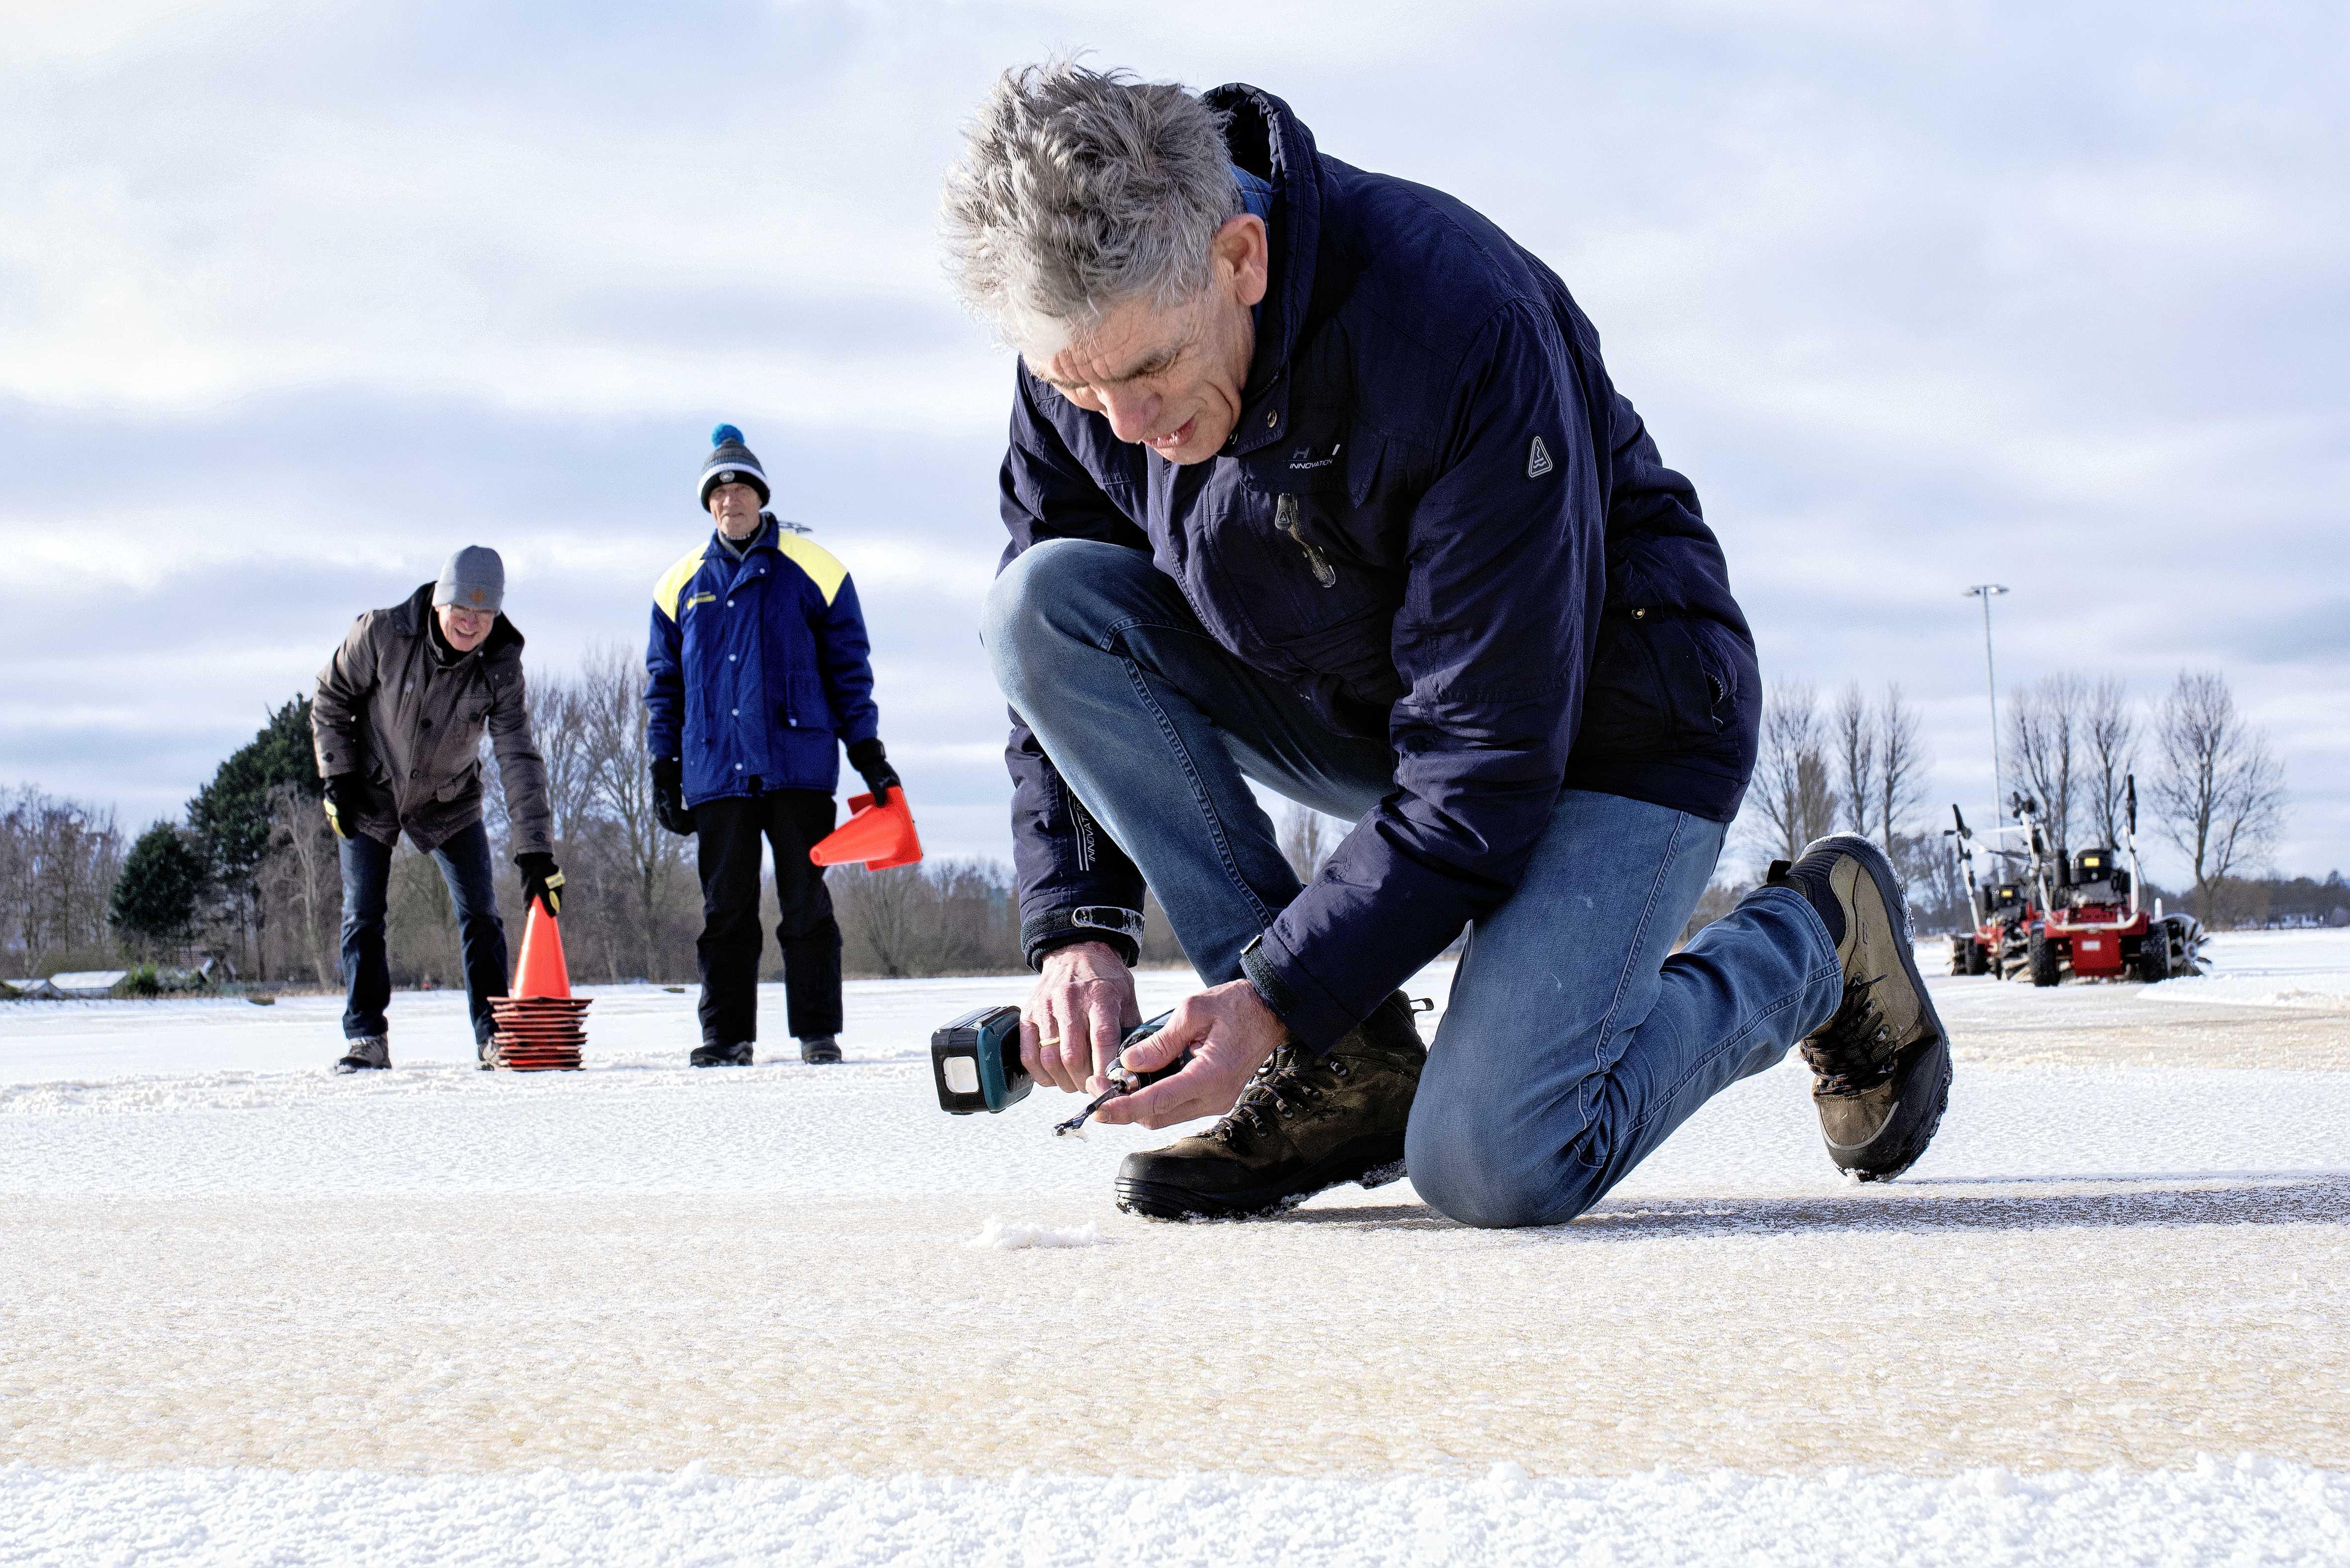 Op de Heemskerkse ijsbaan Kees Jongert kan vermoedelijk donderdag worden geschaatst. 'We hopen op een koude nacht'